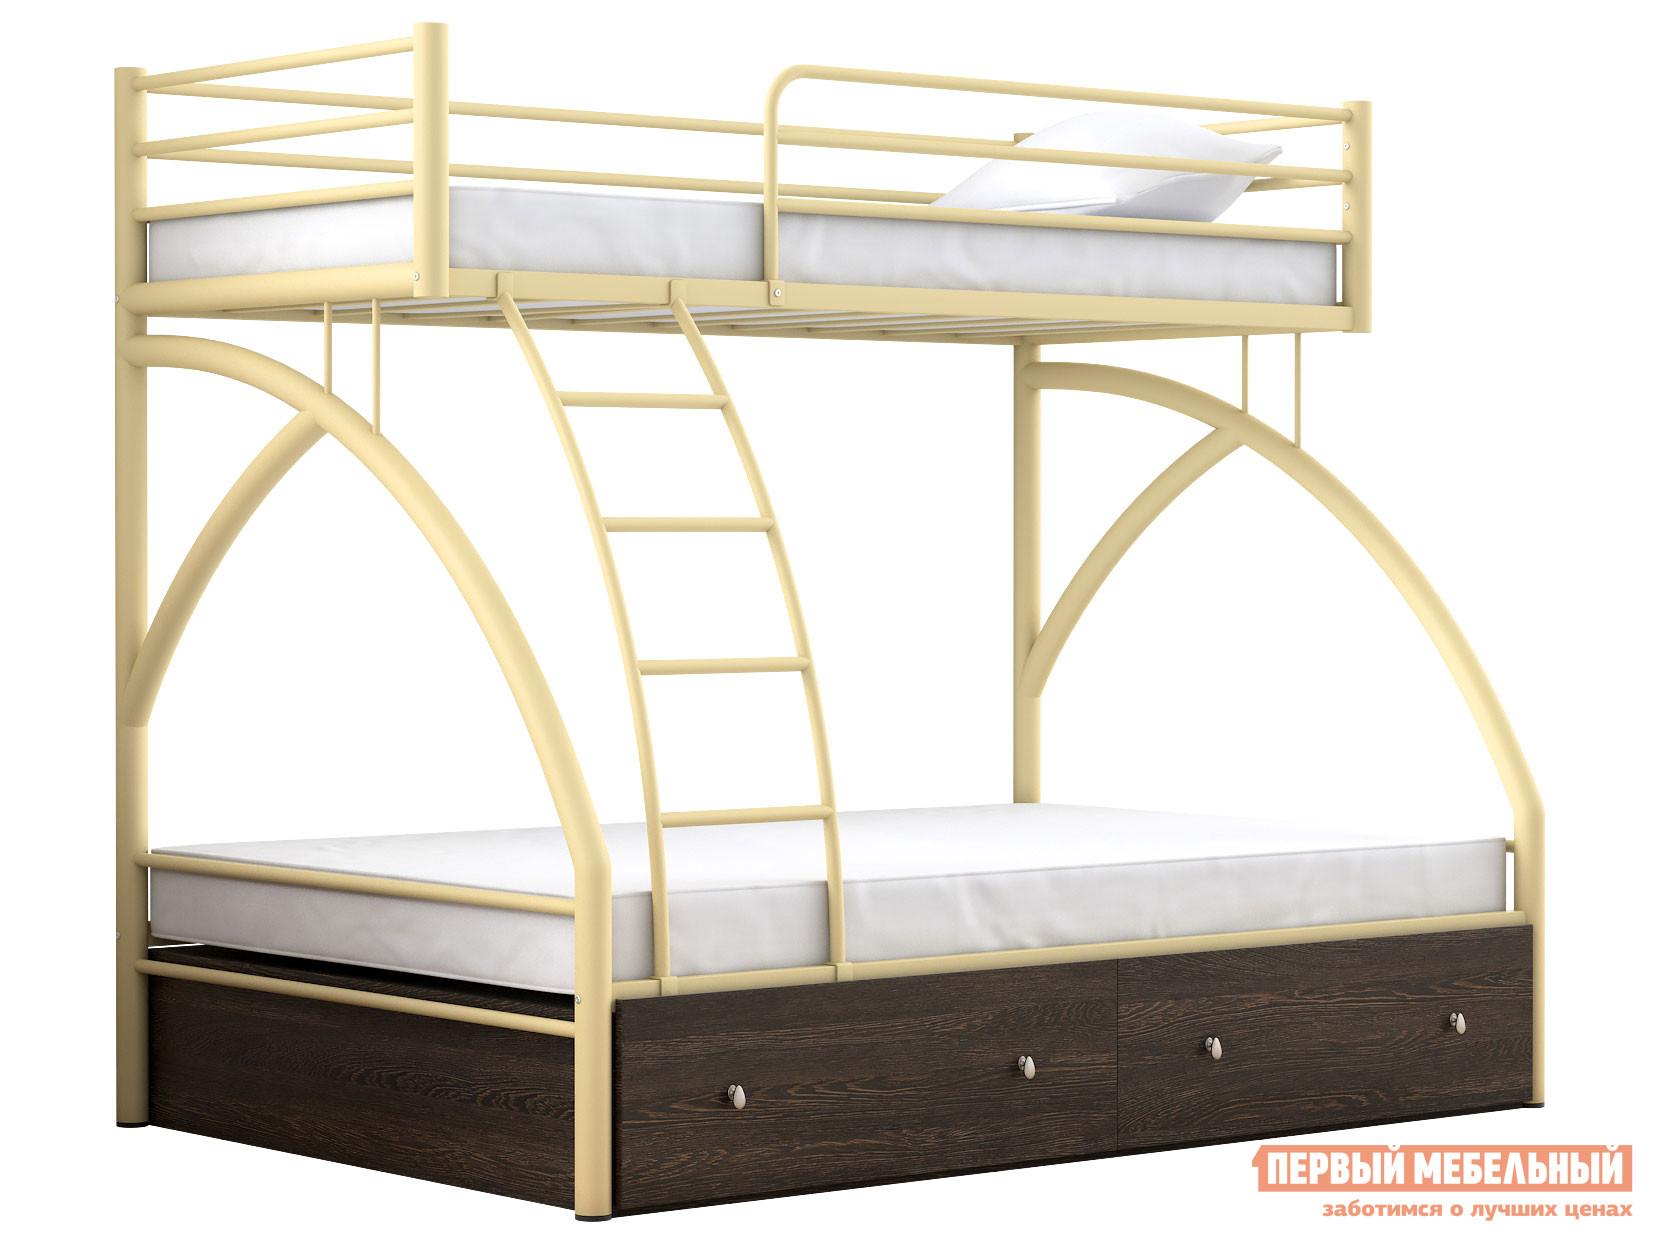 Двухъярусная кровать МФ 4 Сезона Двухъярусная детская кровать Клео с ящиками